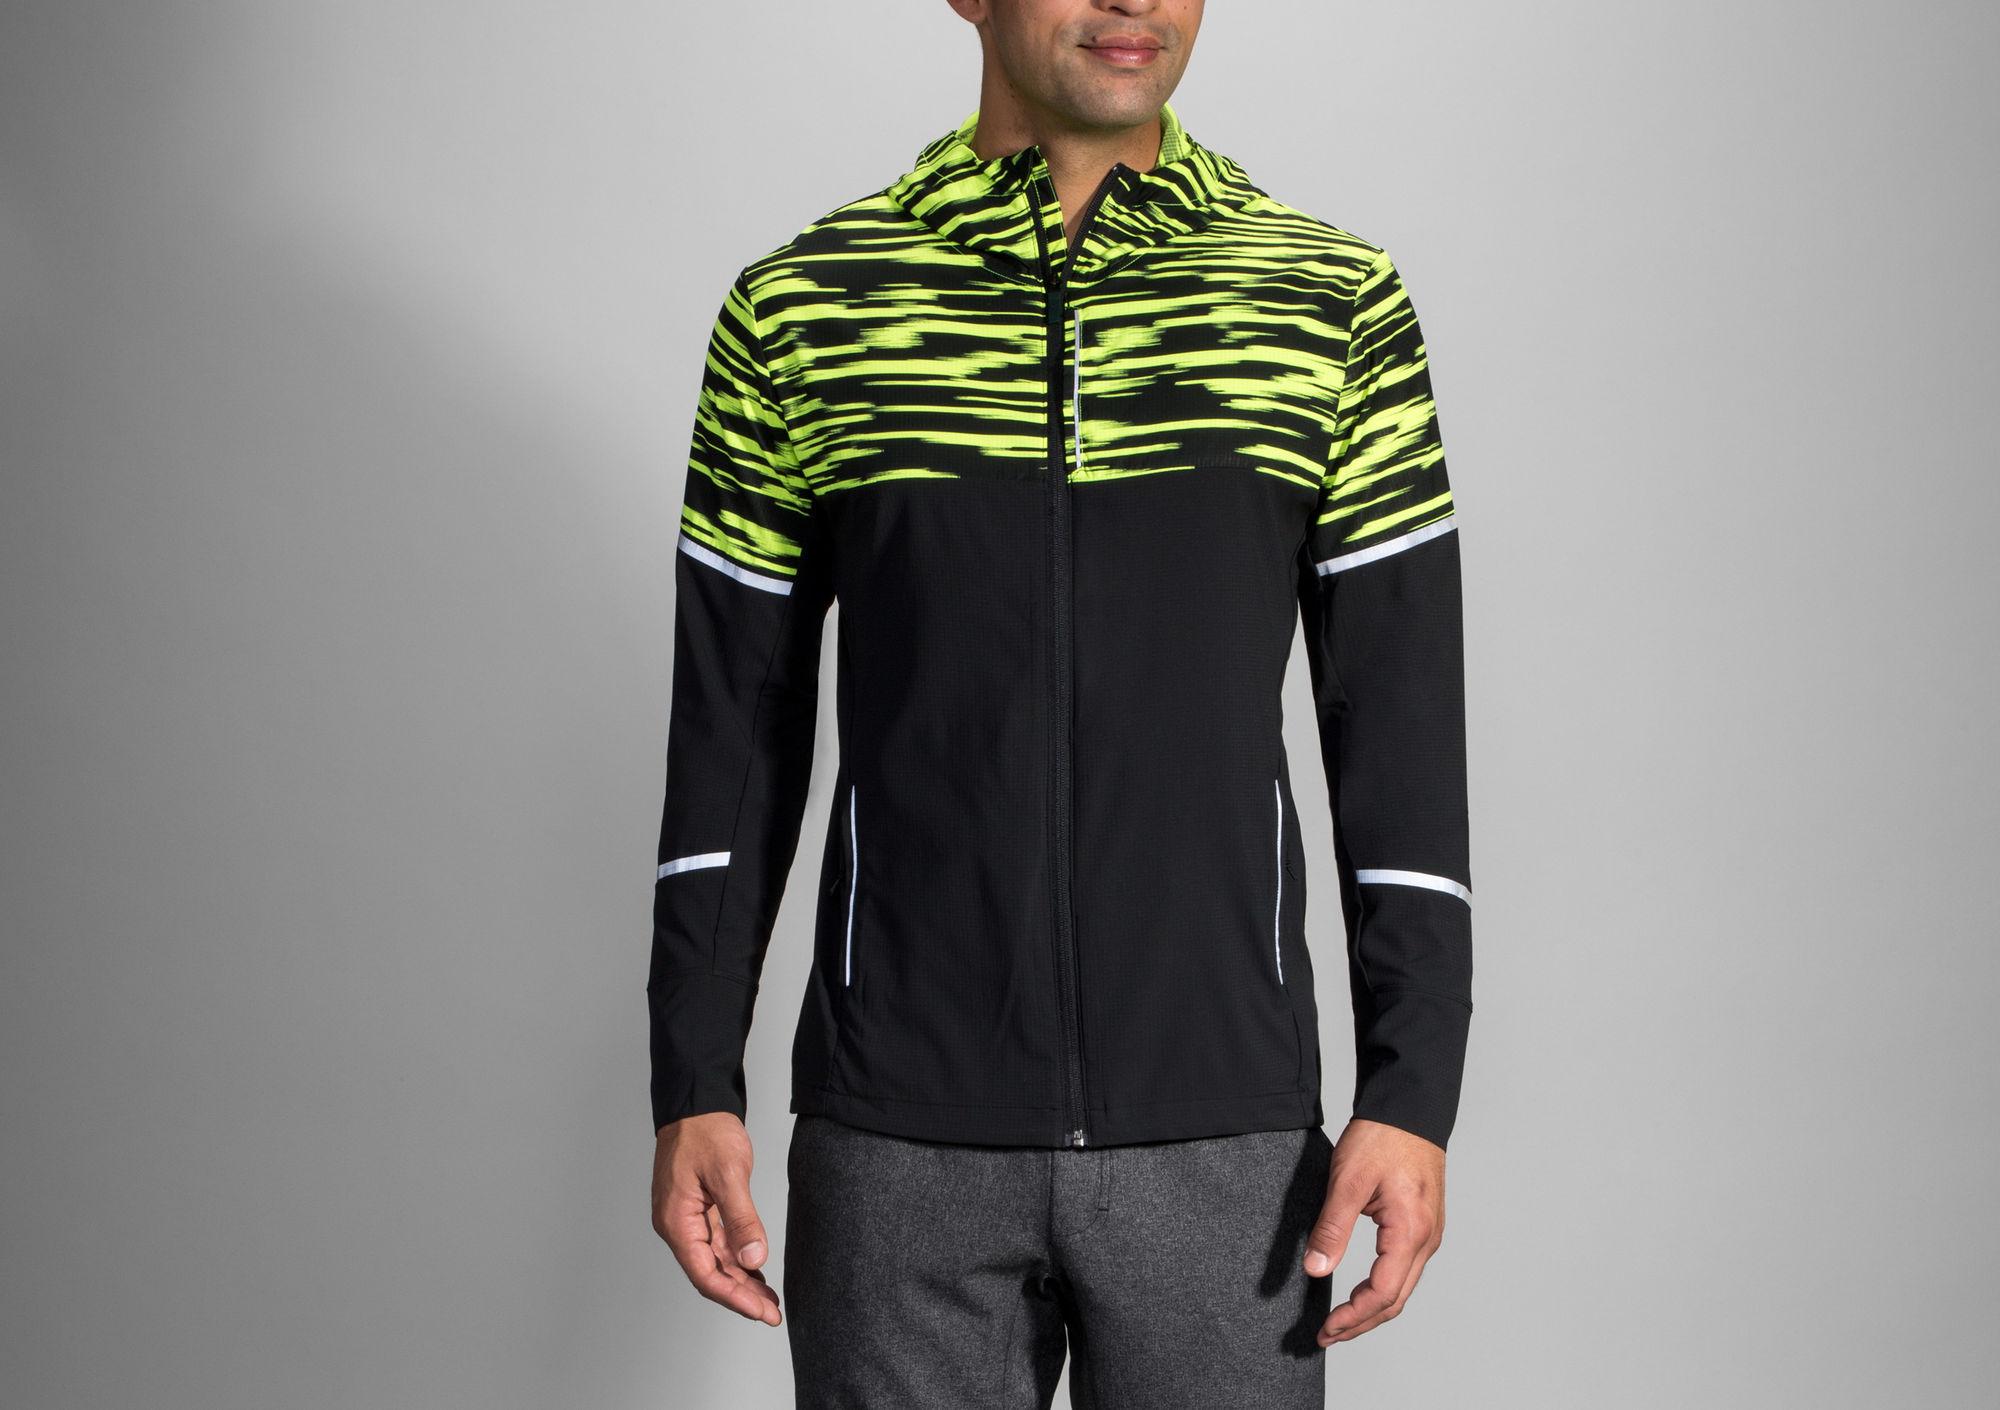 Brooks Nightlife Jacket in Gelb Schwarz